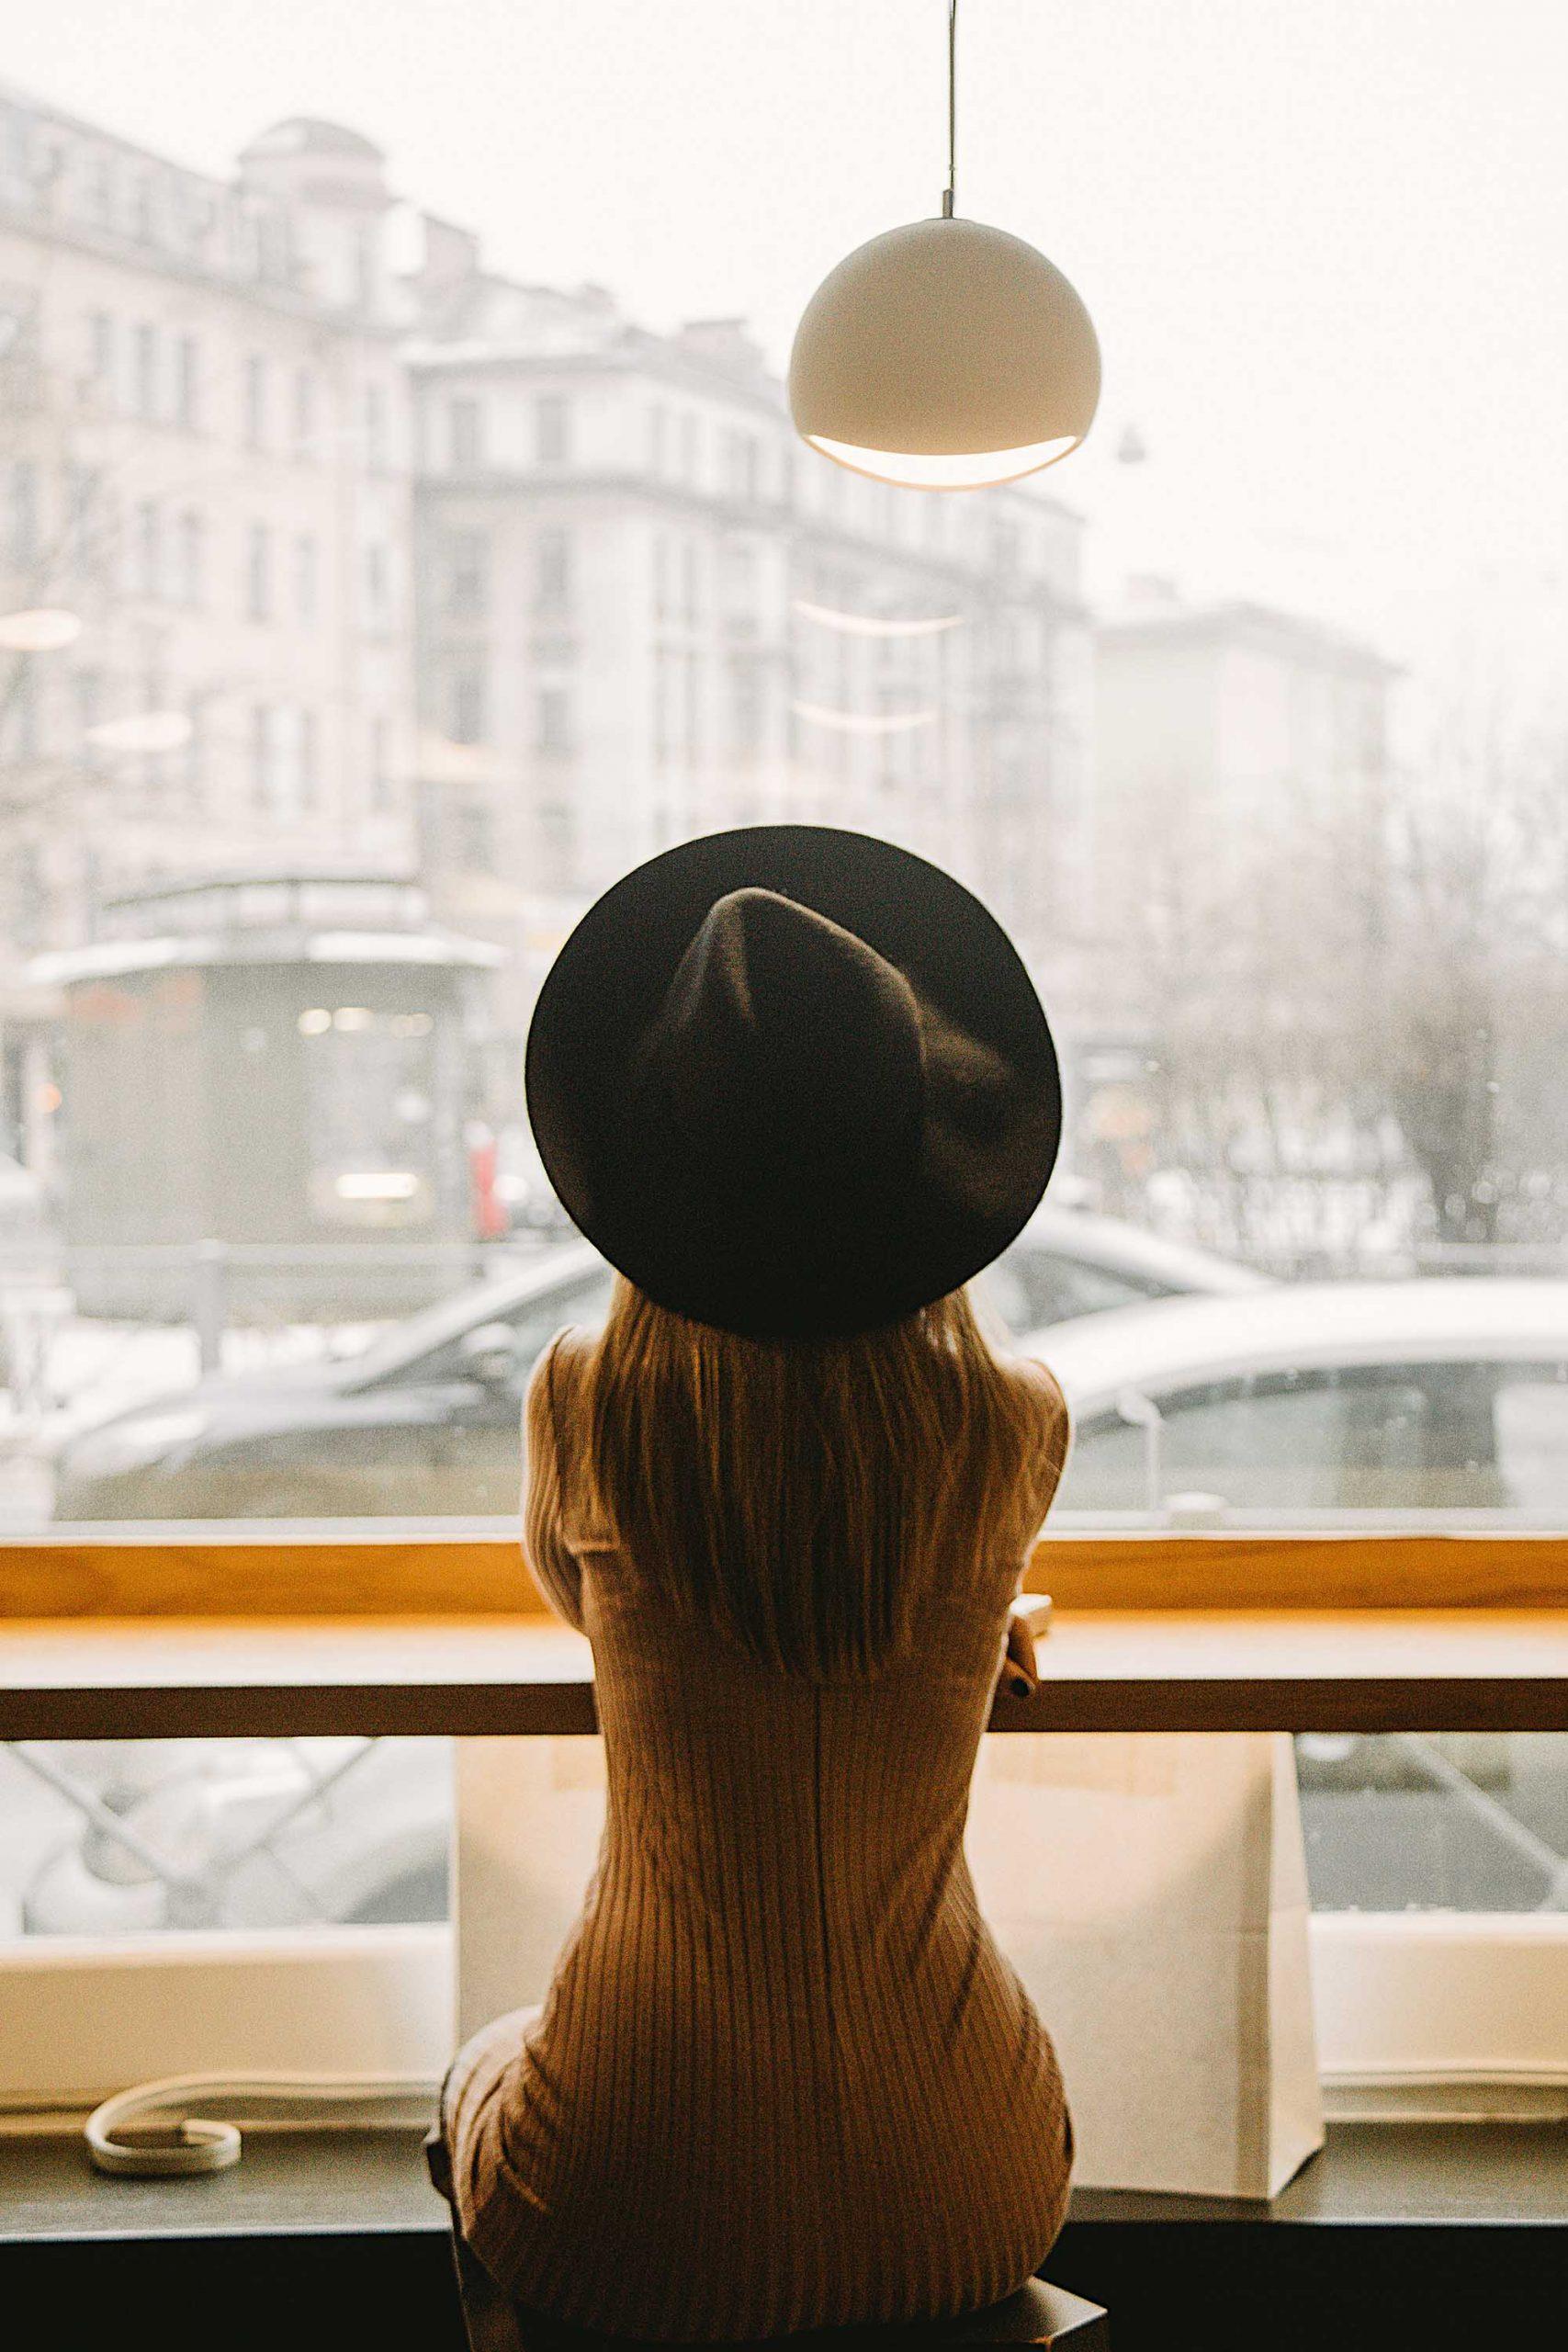 Cô gái nước Pháp tận hưởng cà phê sáng và ngắm dòng người qua lại